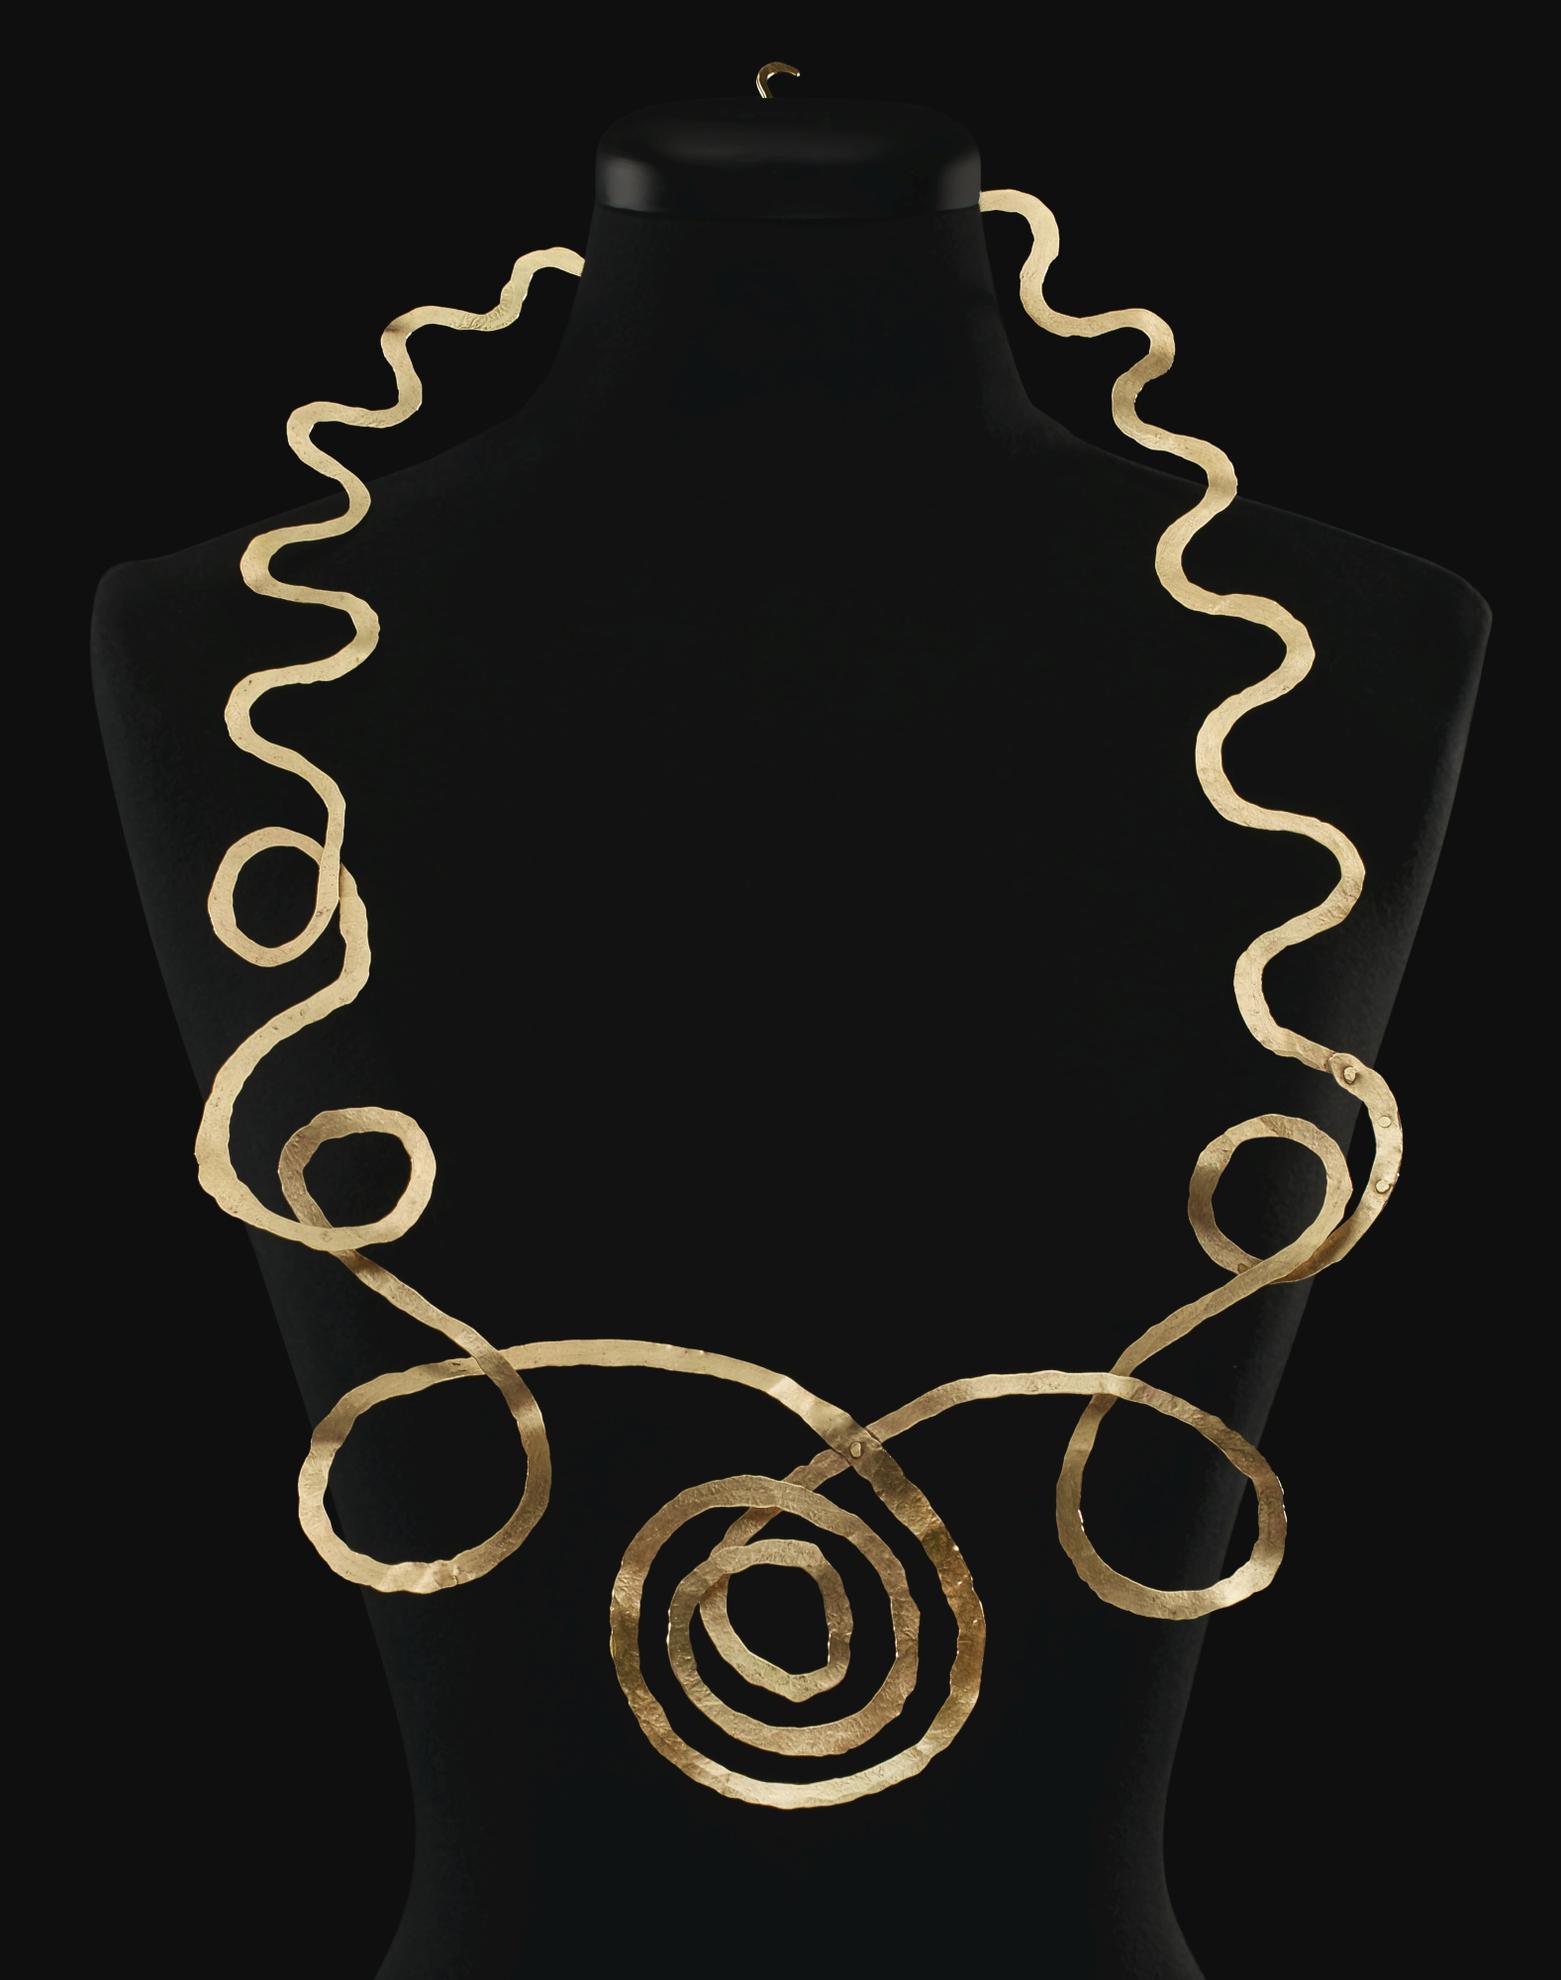 Alexander Calder-Necklace-1940